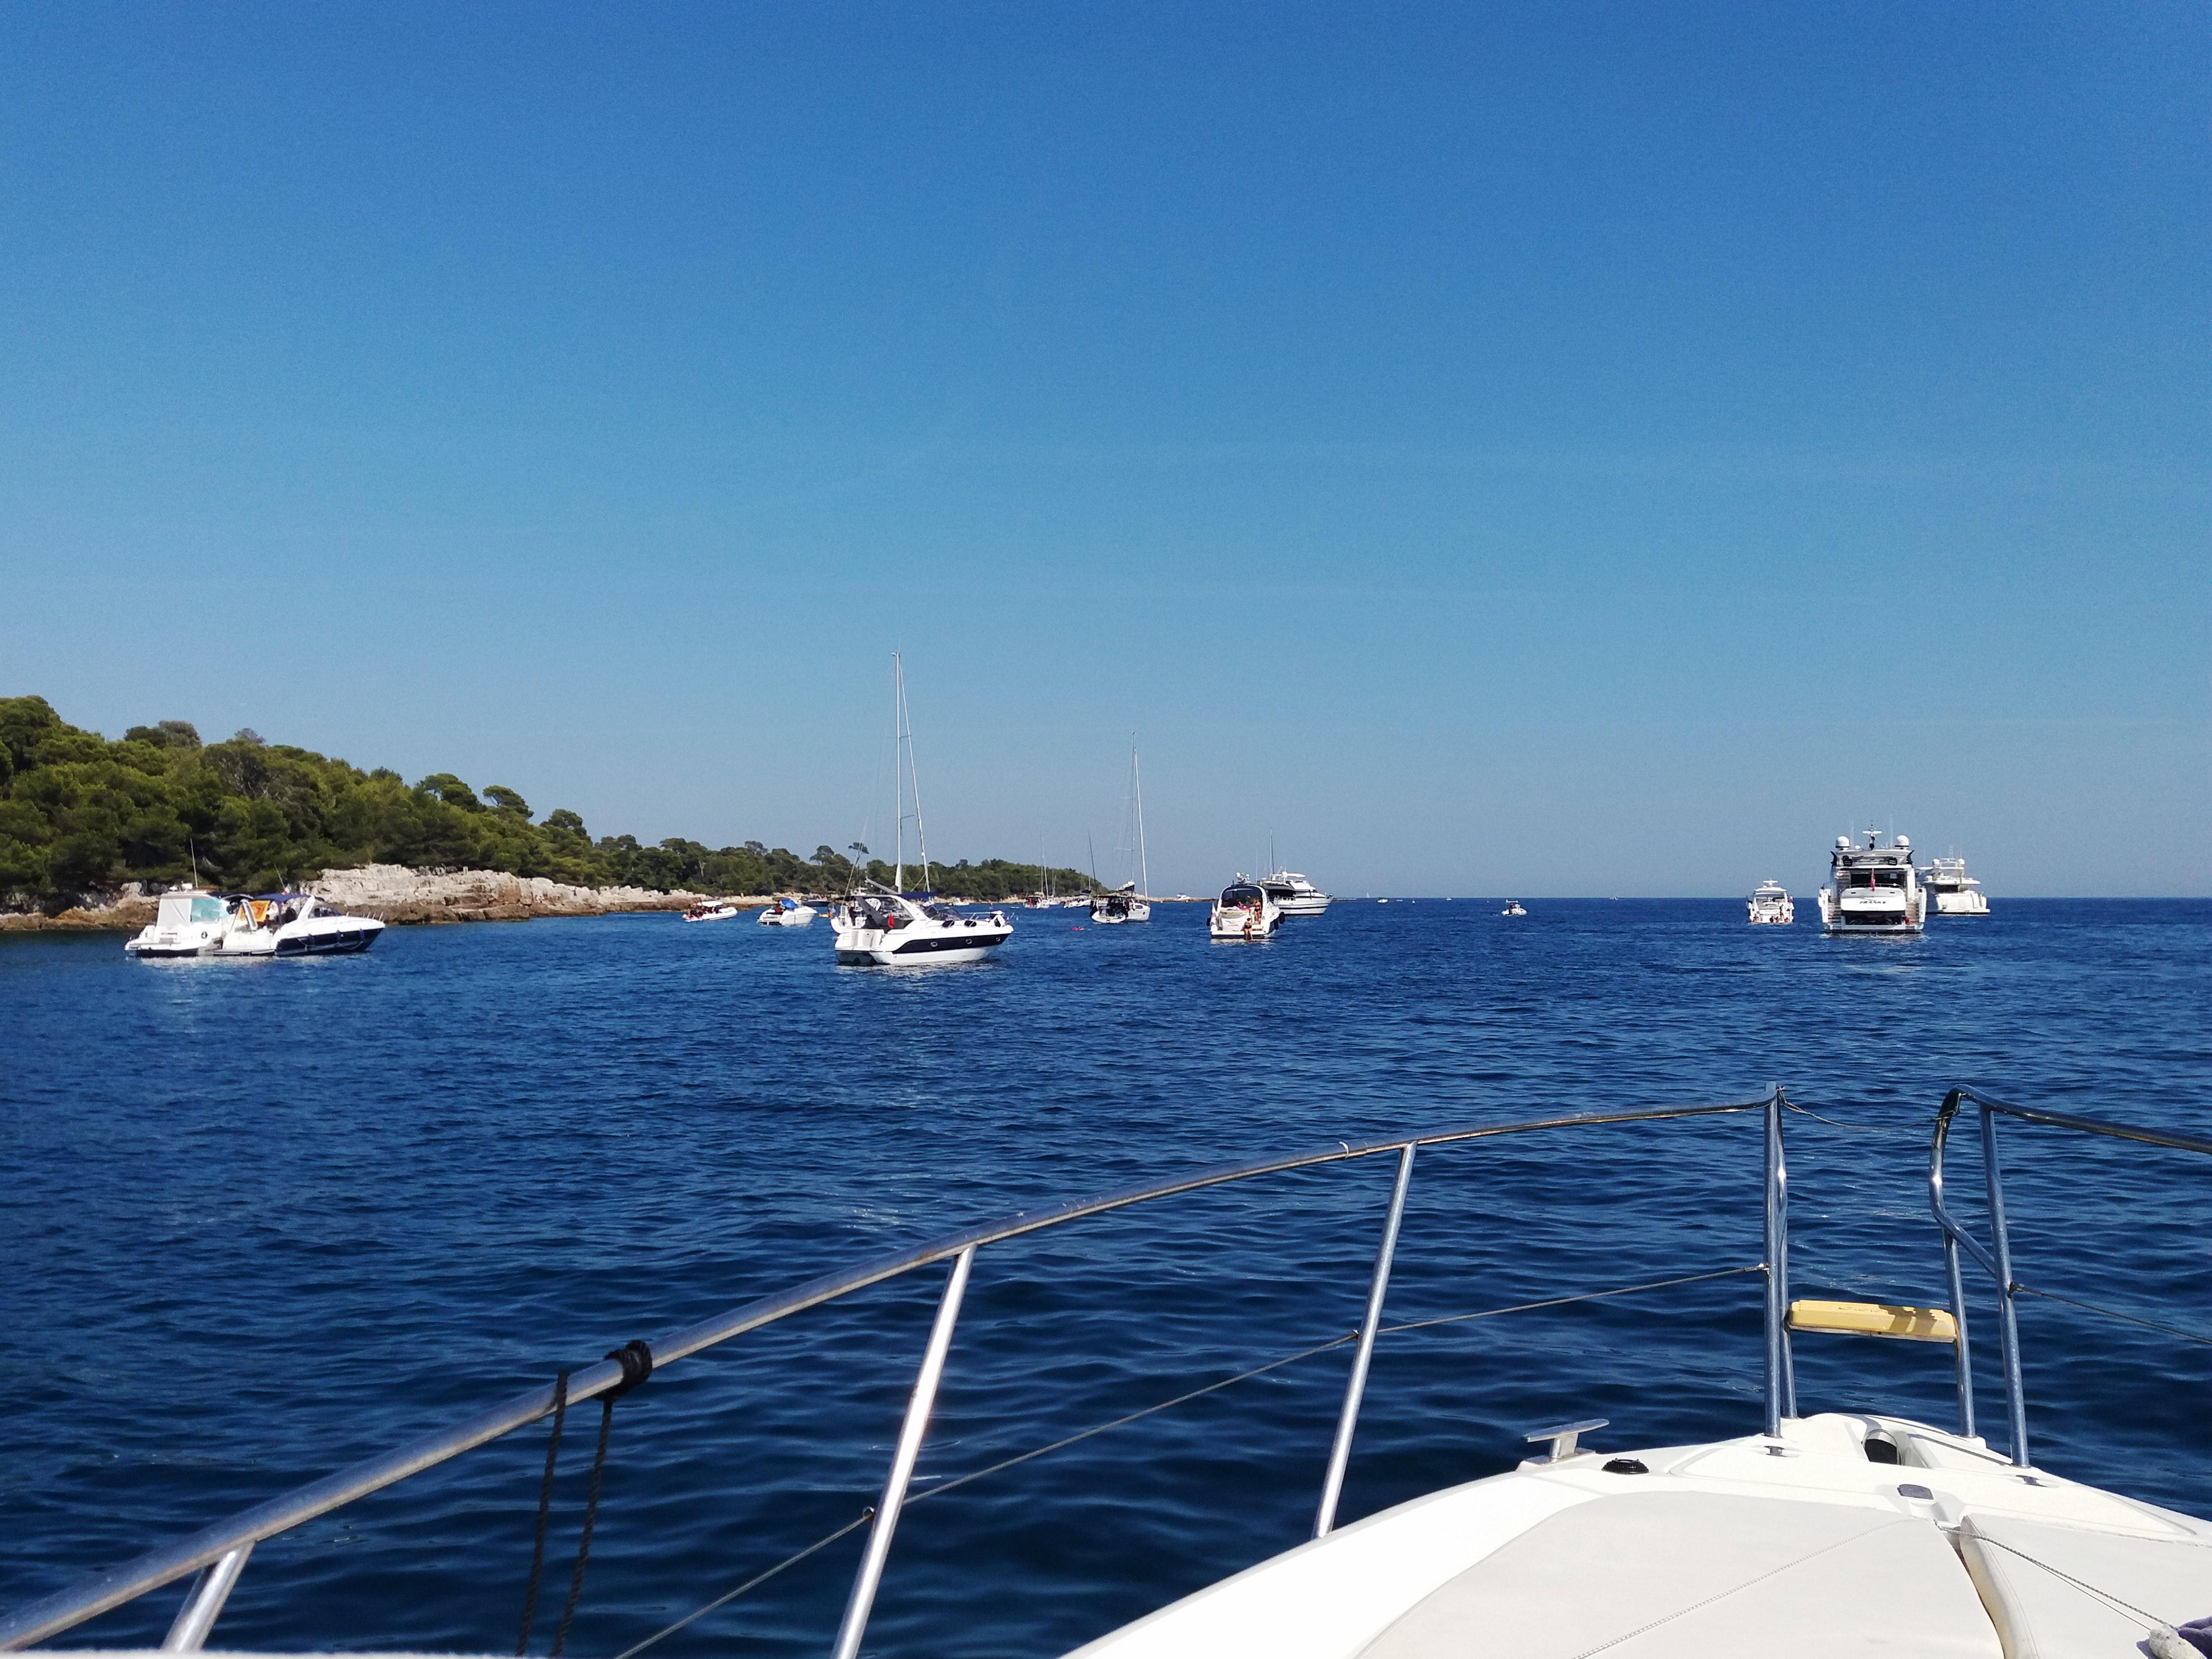 Cannes Iles de Lerin